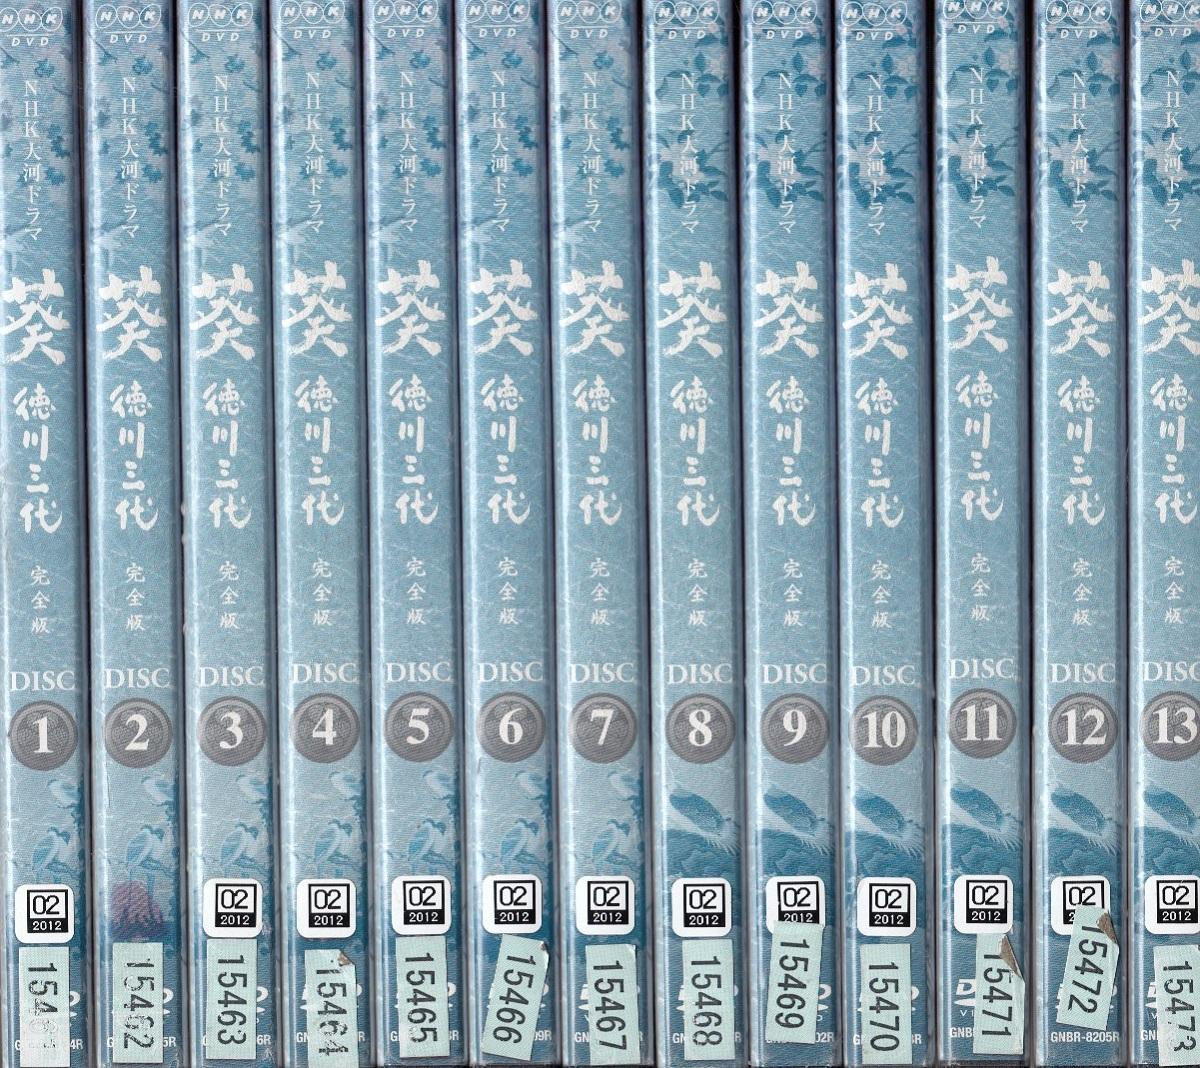 NHK大河ドラマ 葵 徳川三代 完全版 全13巻セット西田敏行/尾上辰之助/樹木希林 【中古DVD/レンタル落ち/送料無料】